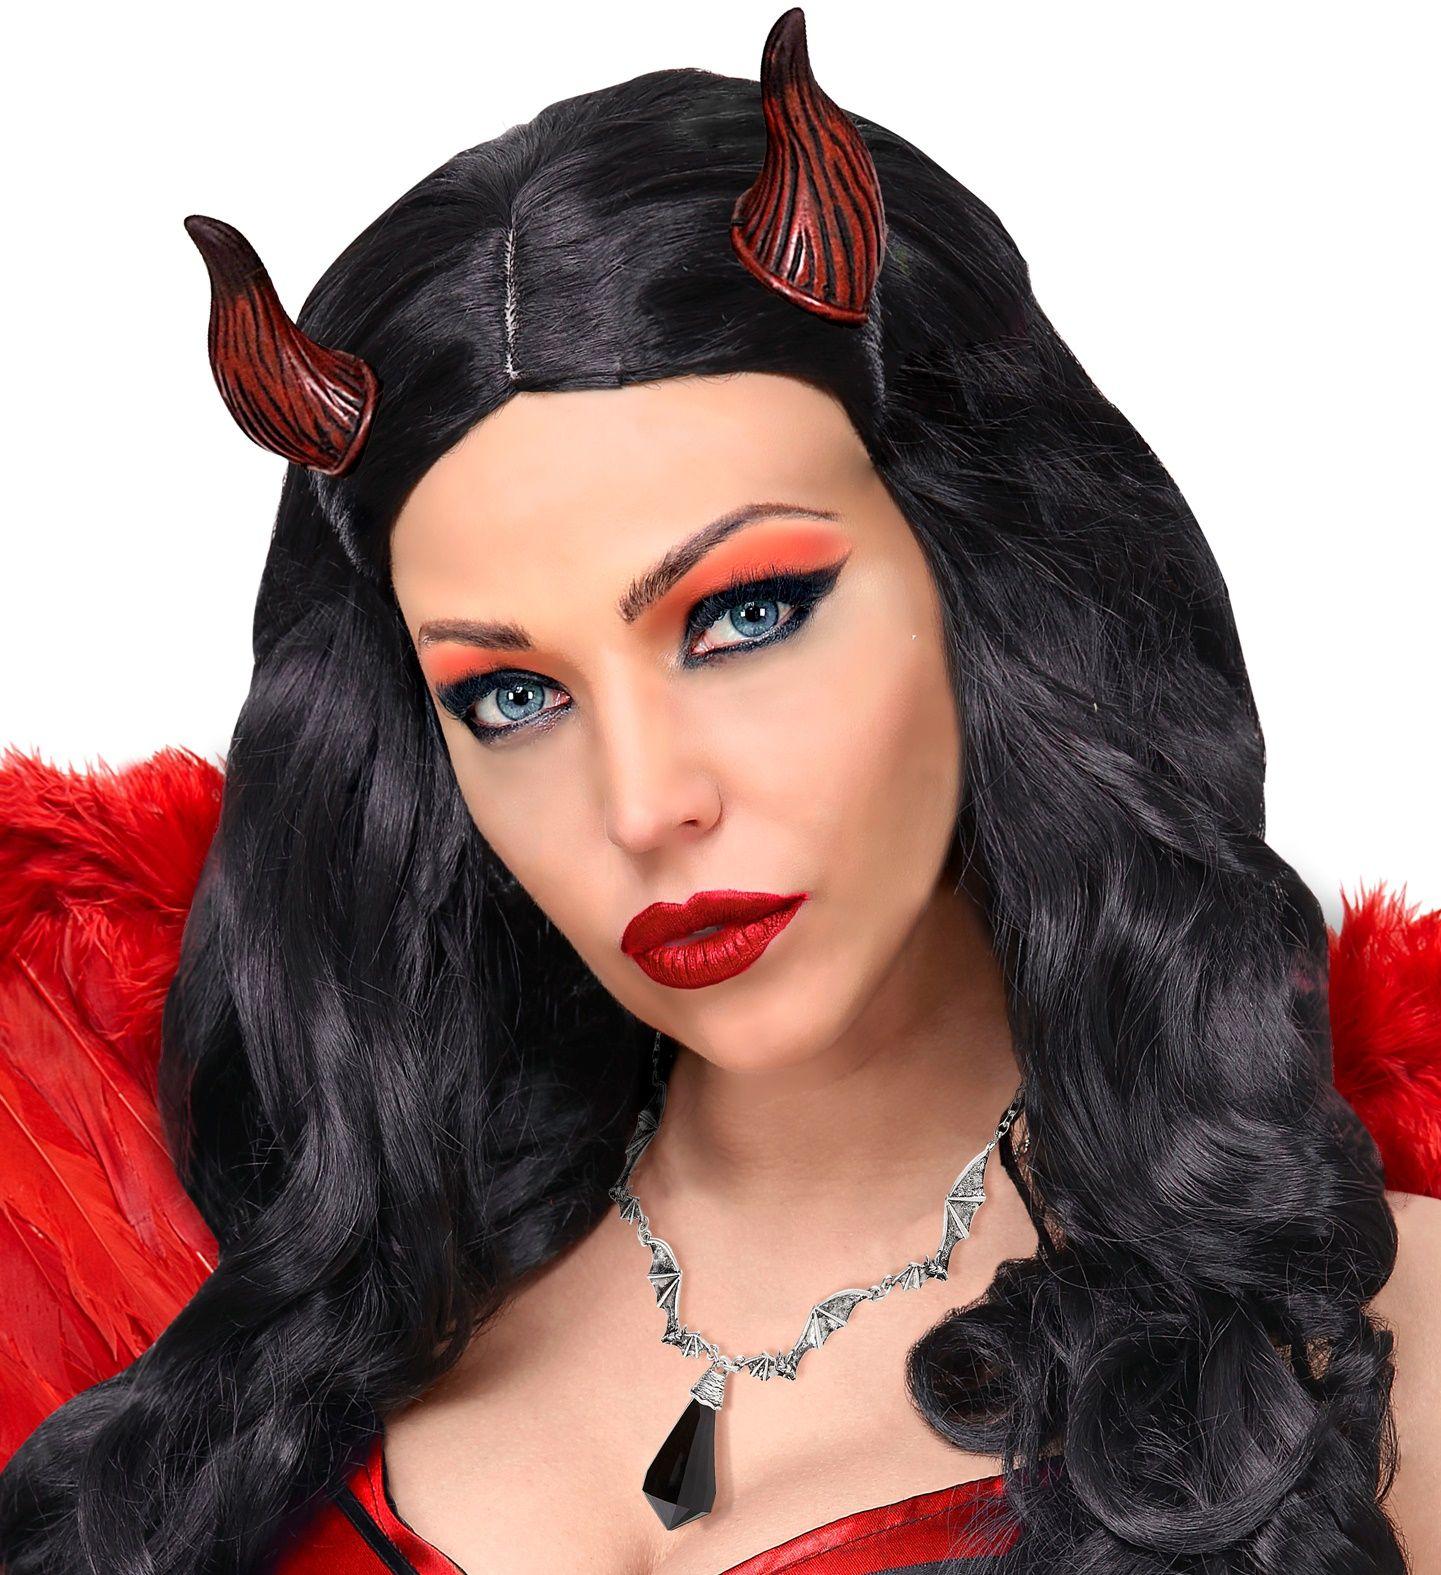 Vleermuis ketting met zwart juweel